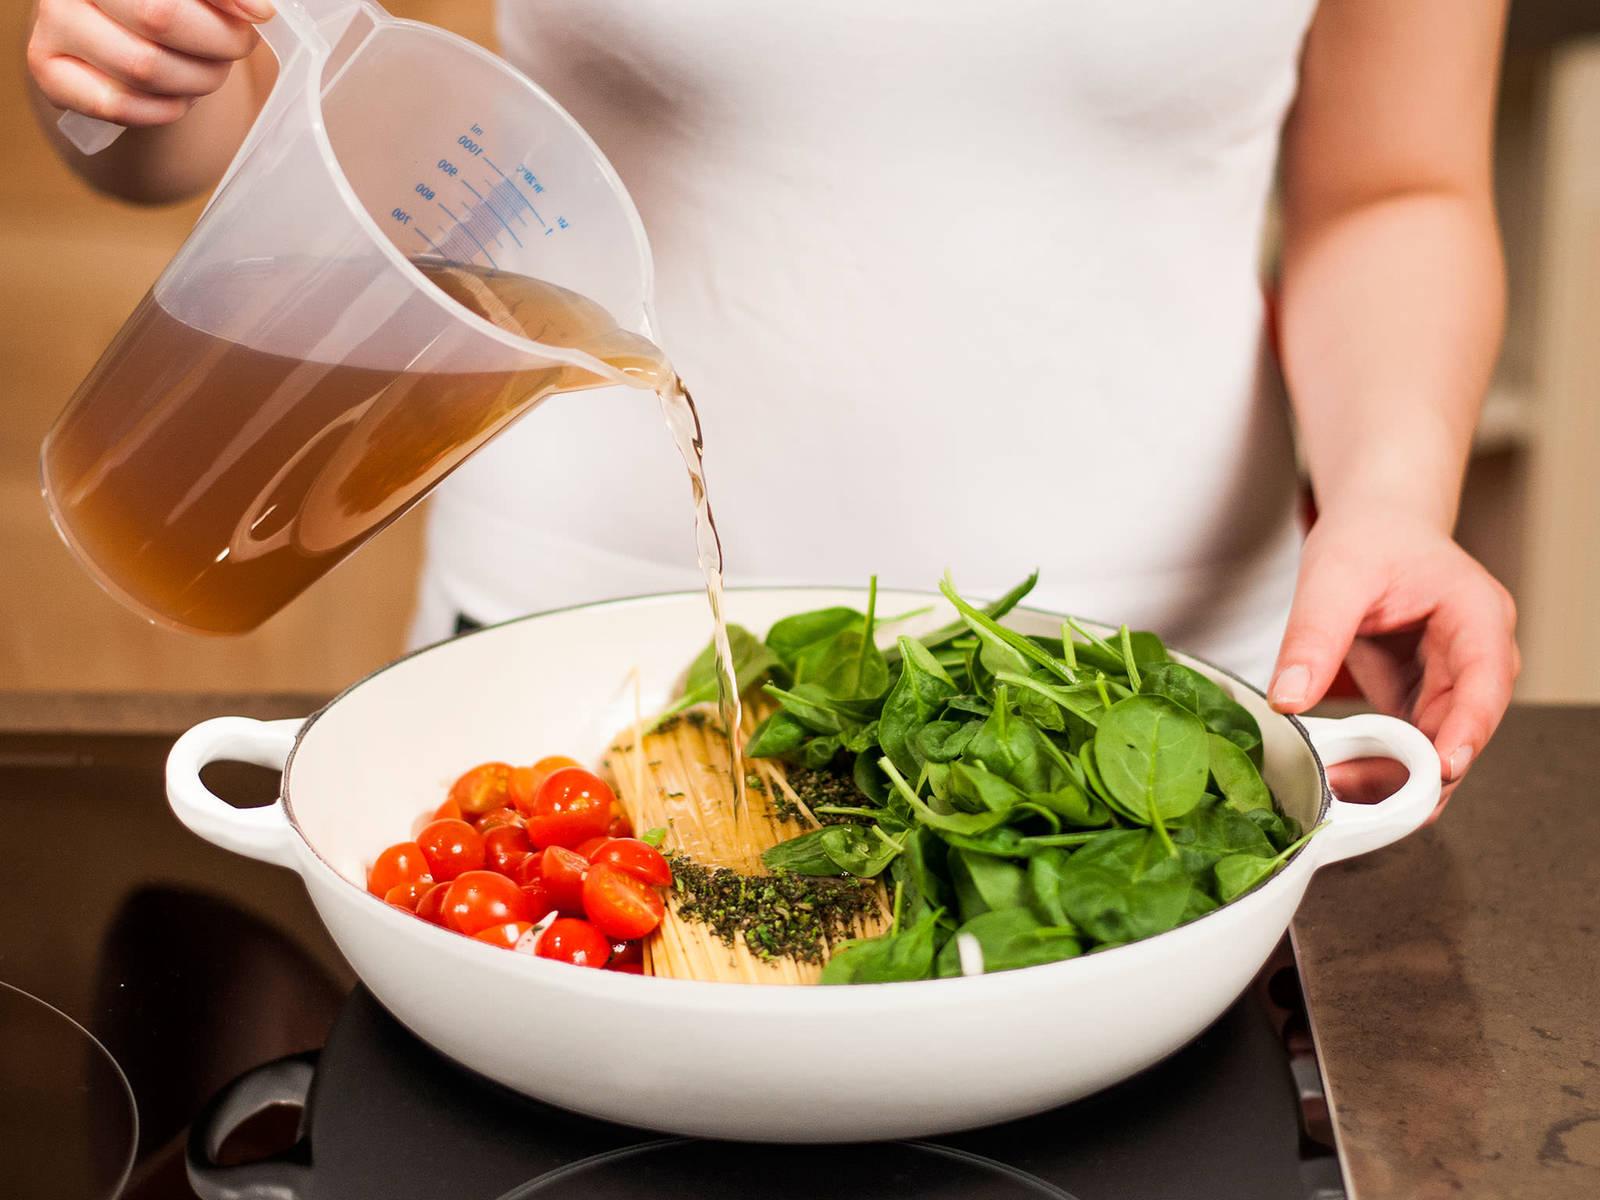 Nun Pasta, Babyspinat, Cocktailtomaten, Thymian und Basilikum in die Pfanne geben und mit Brühe aufgießen. Unter gelegentlichem Rühren ca. 10 – 12 Min. köcheln lassen, bis die Flüssigkeit verdampft ist.